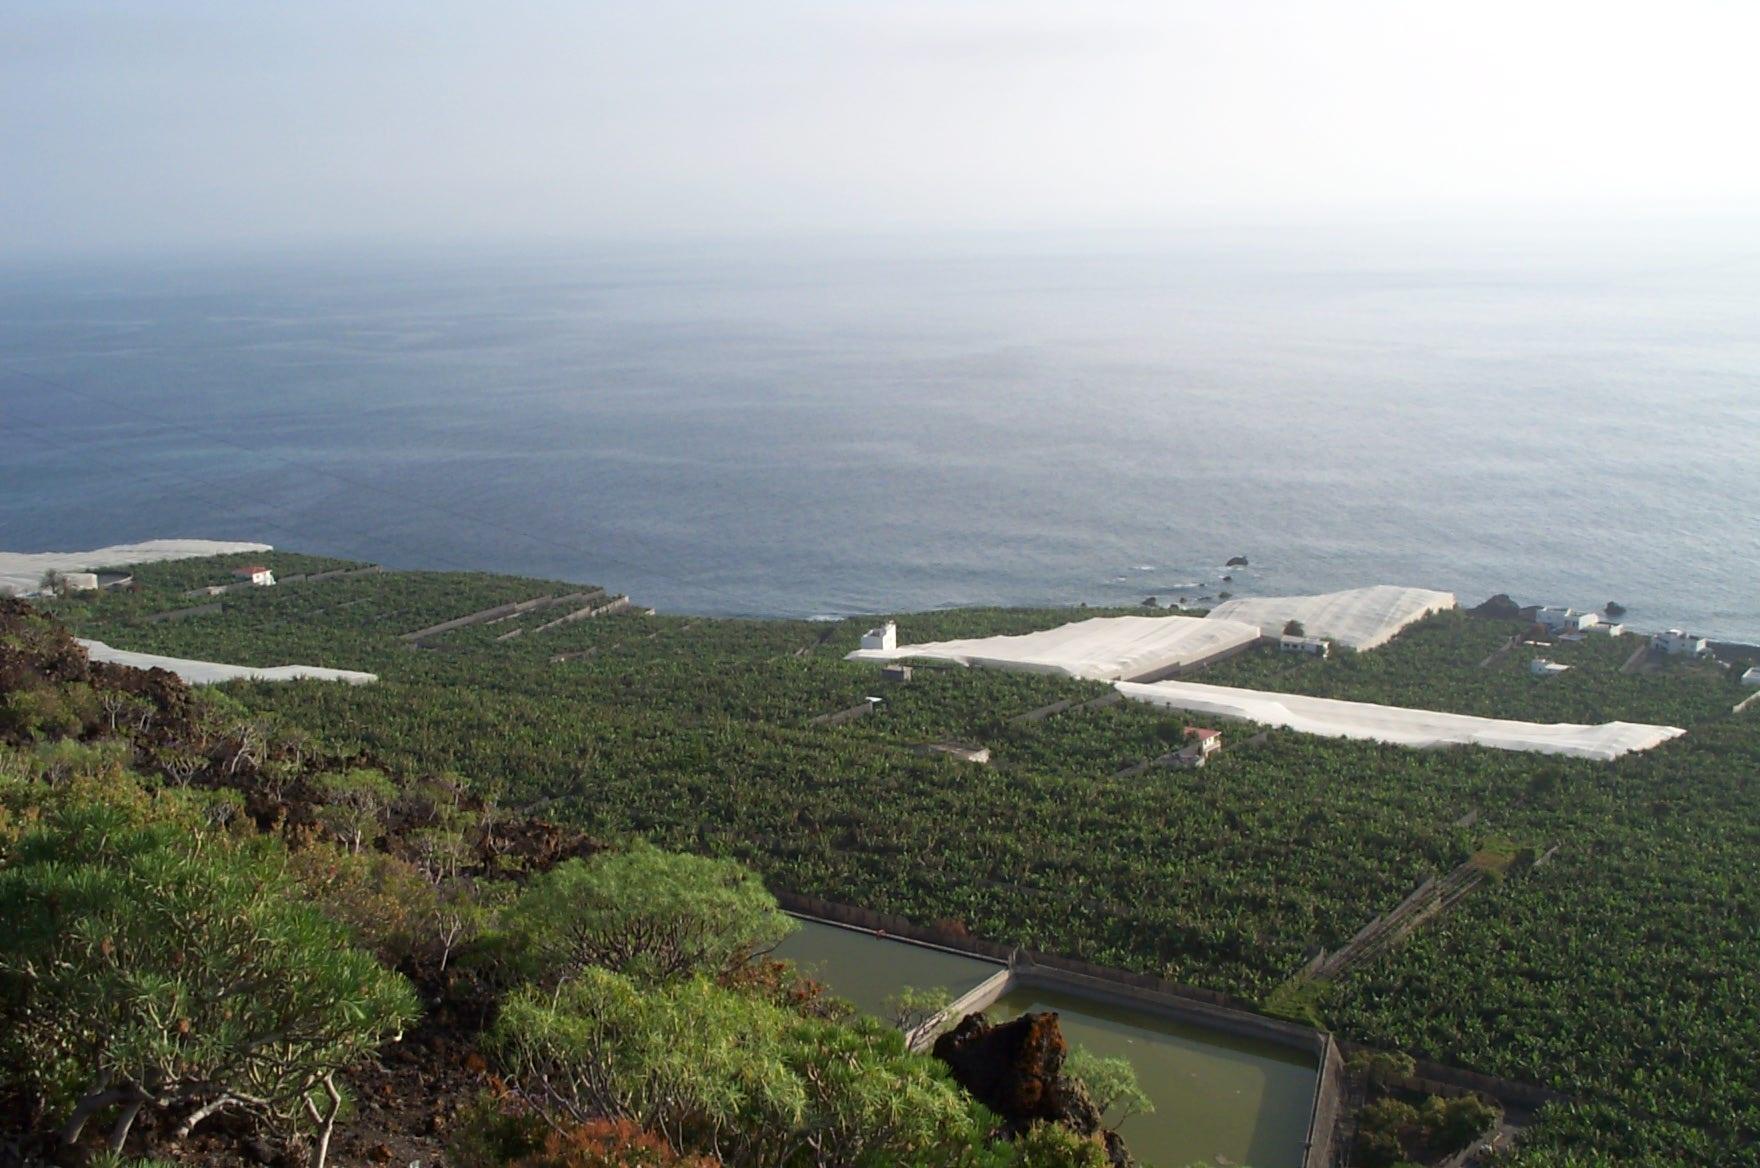 Puerto Naos, Los Llanos de Aridane, Kanarische Inseln, Spanien